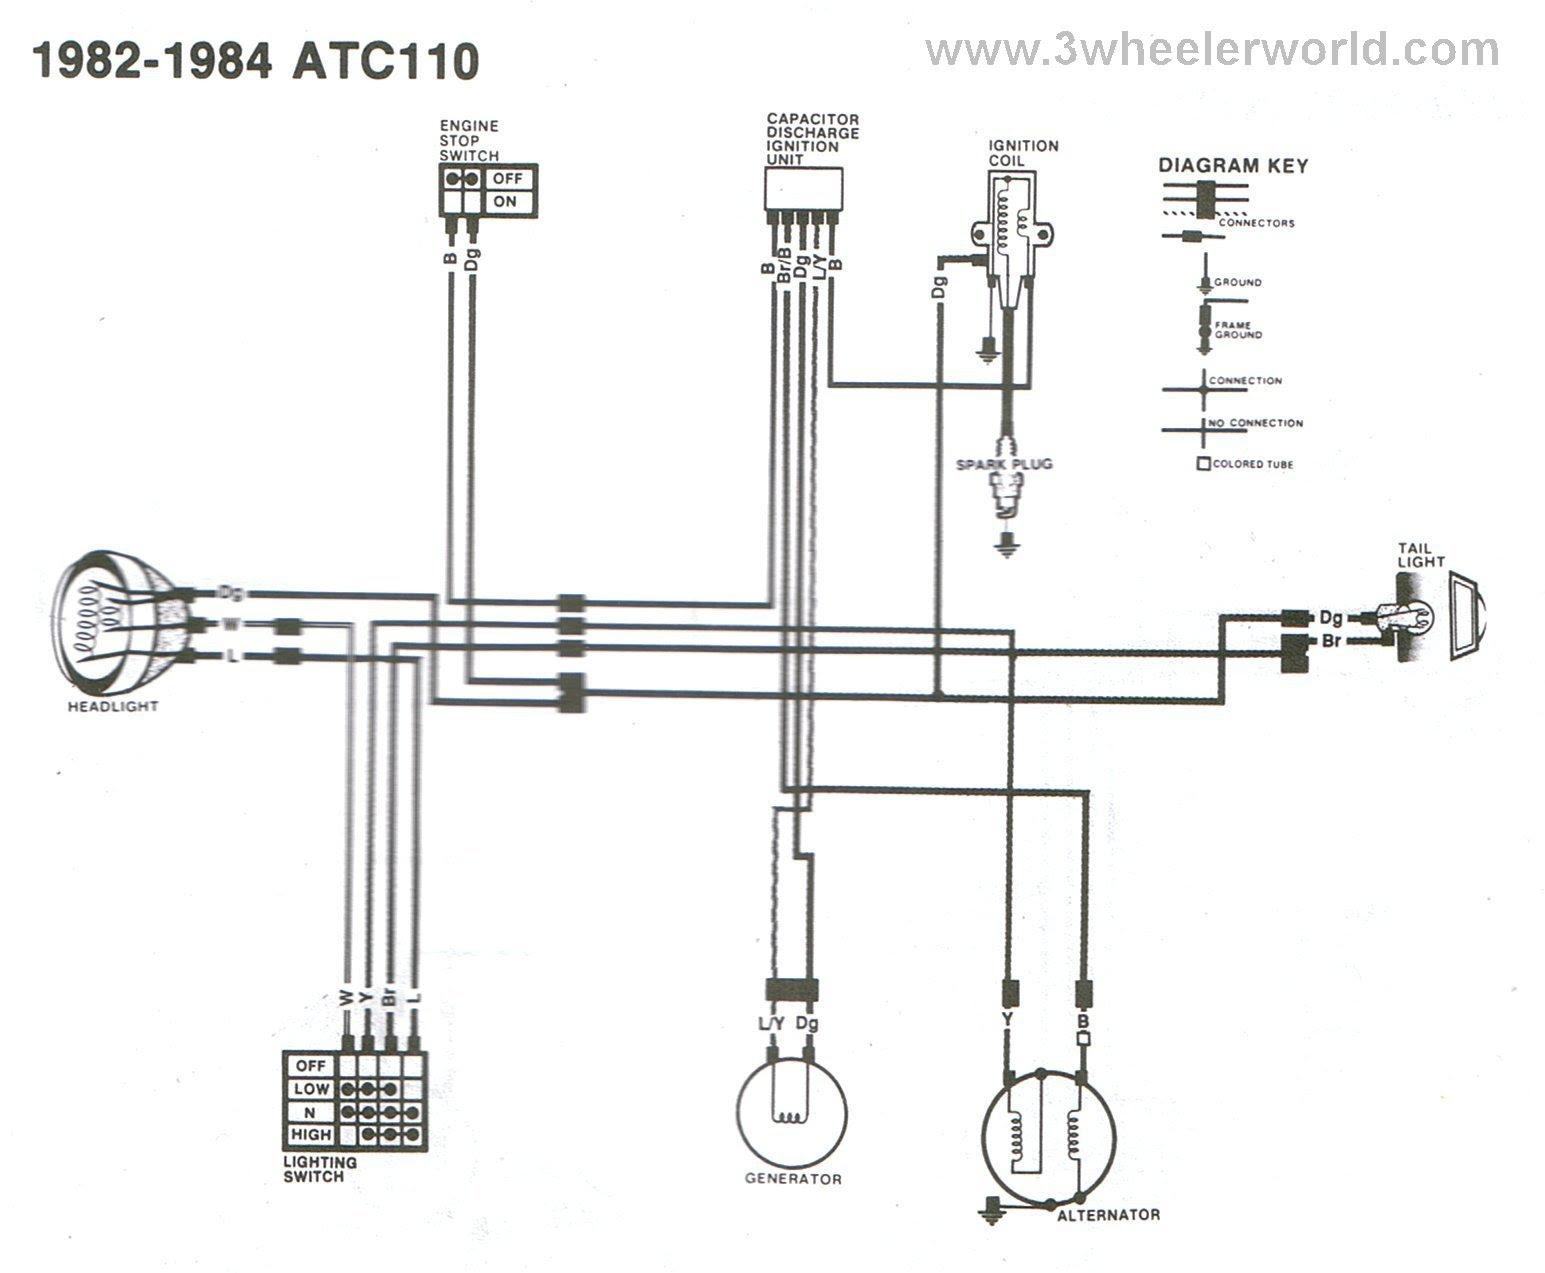 Evinrude 110 Wiring Diagram